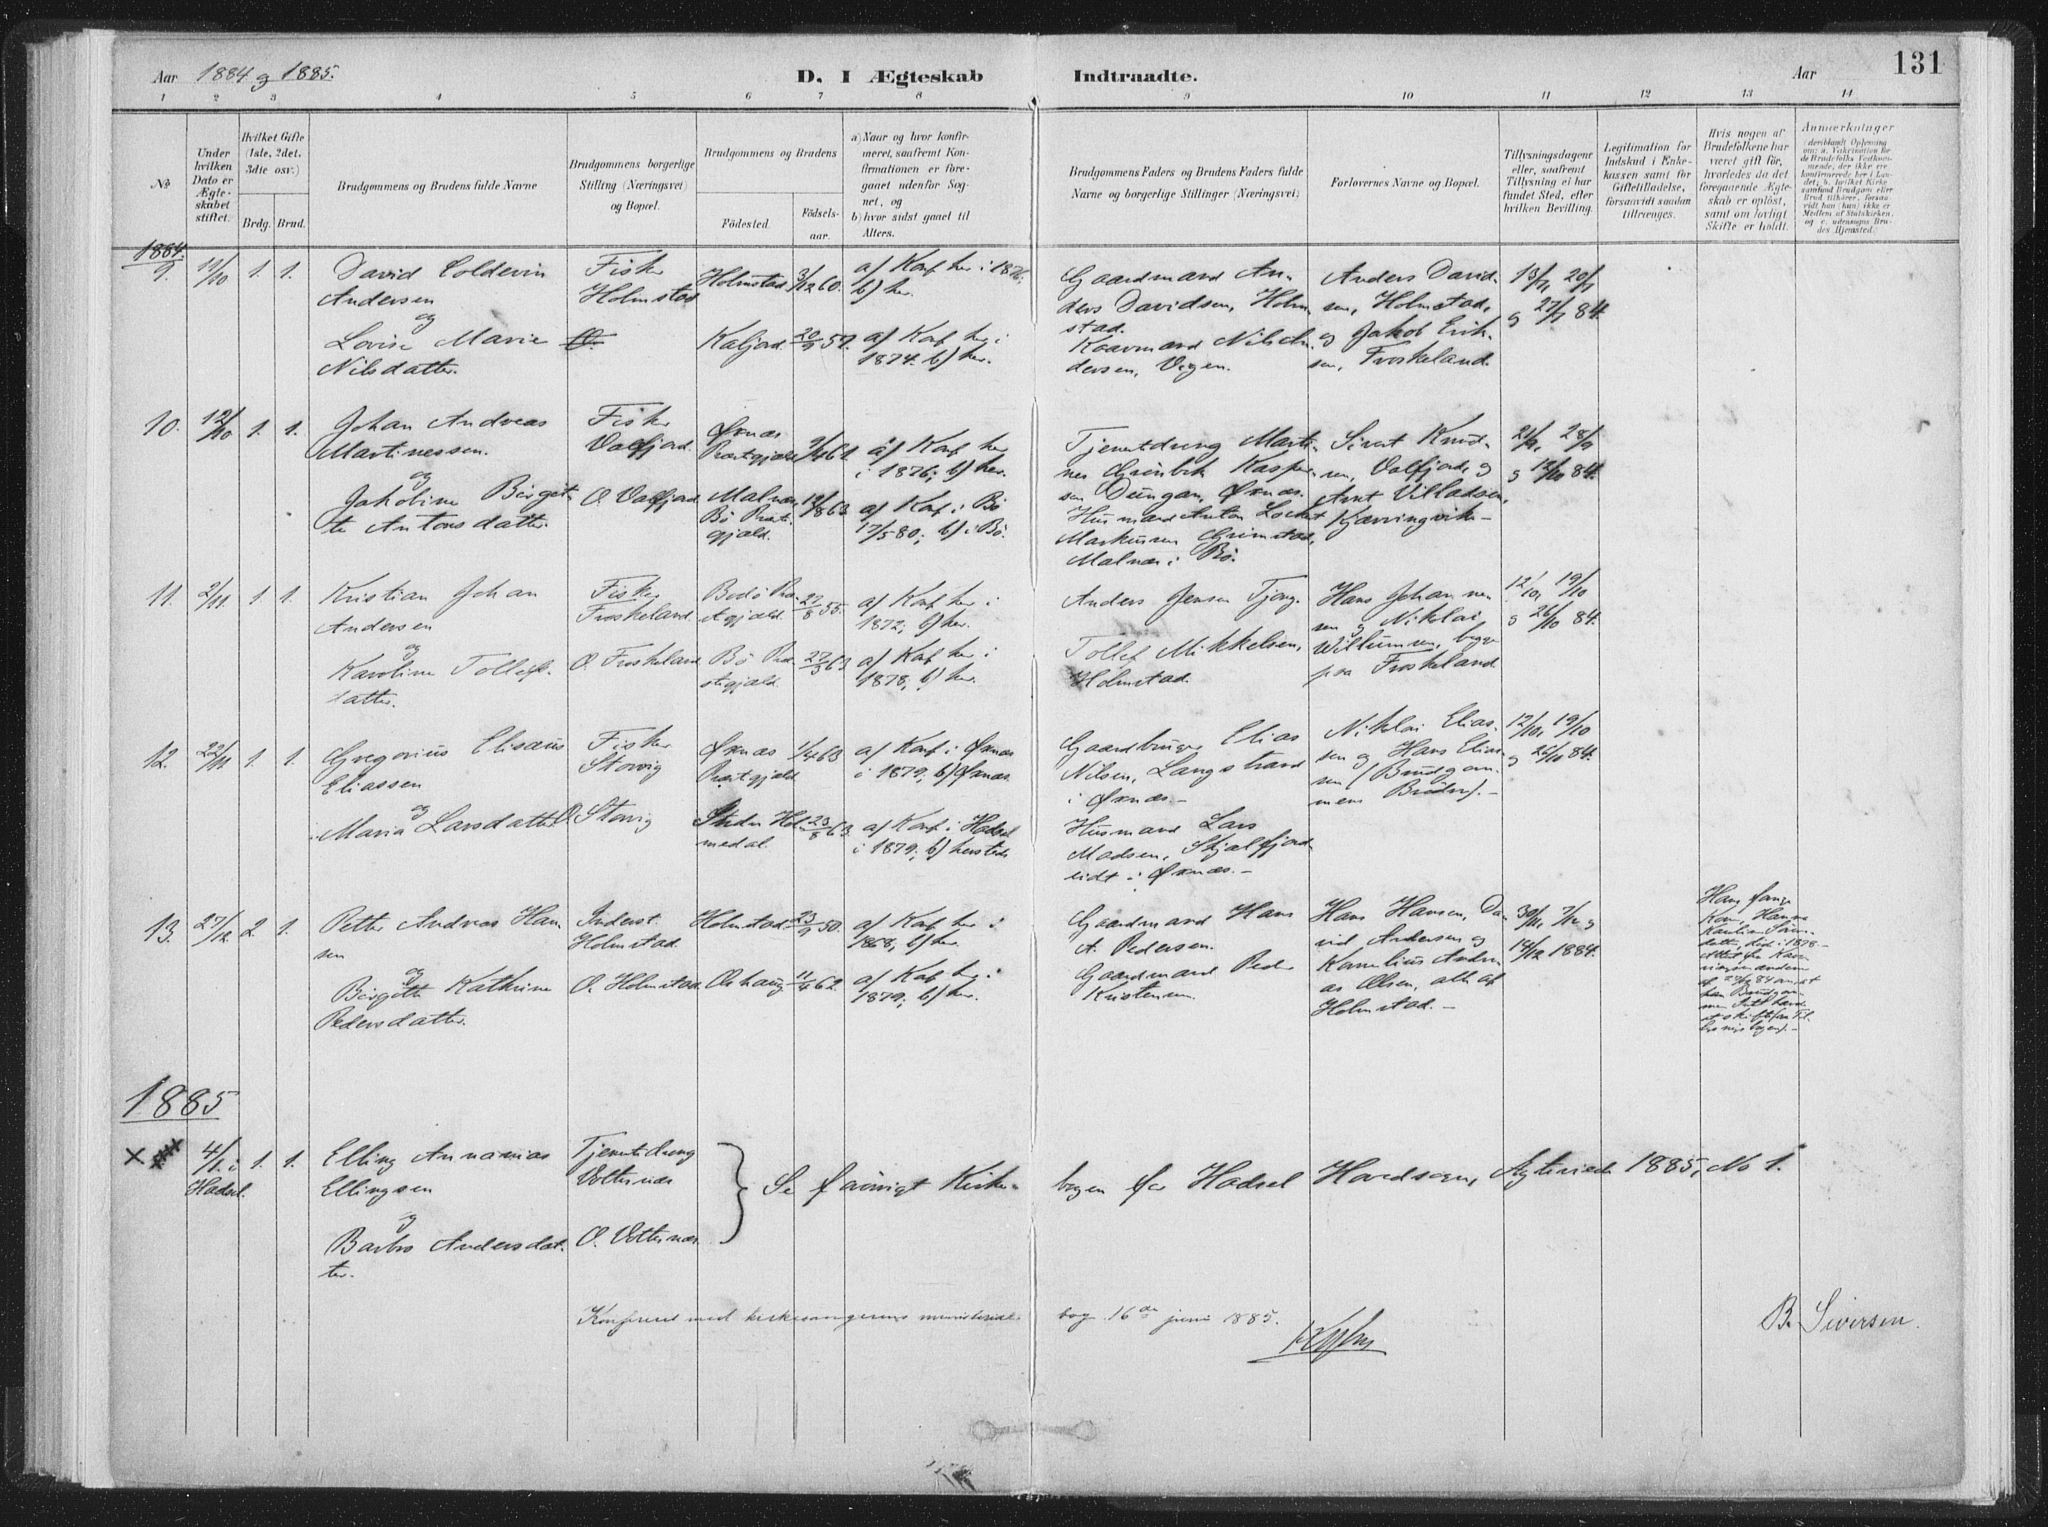 SAT, Ministerialprotokoller, klokkerbøker og fødselsregistre - Nordland, 890/L1286: Parish register (official) no. 890A01, 1882-1902, p. 131